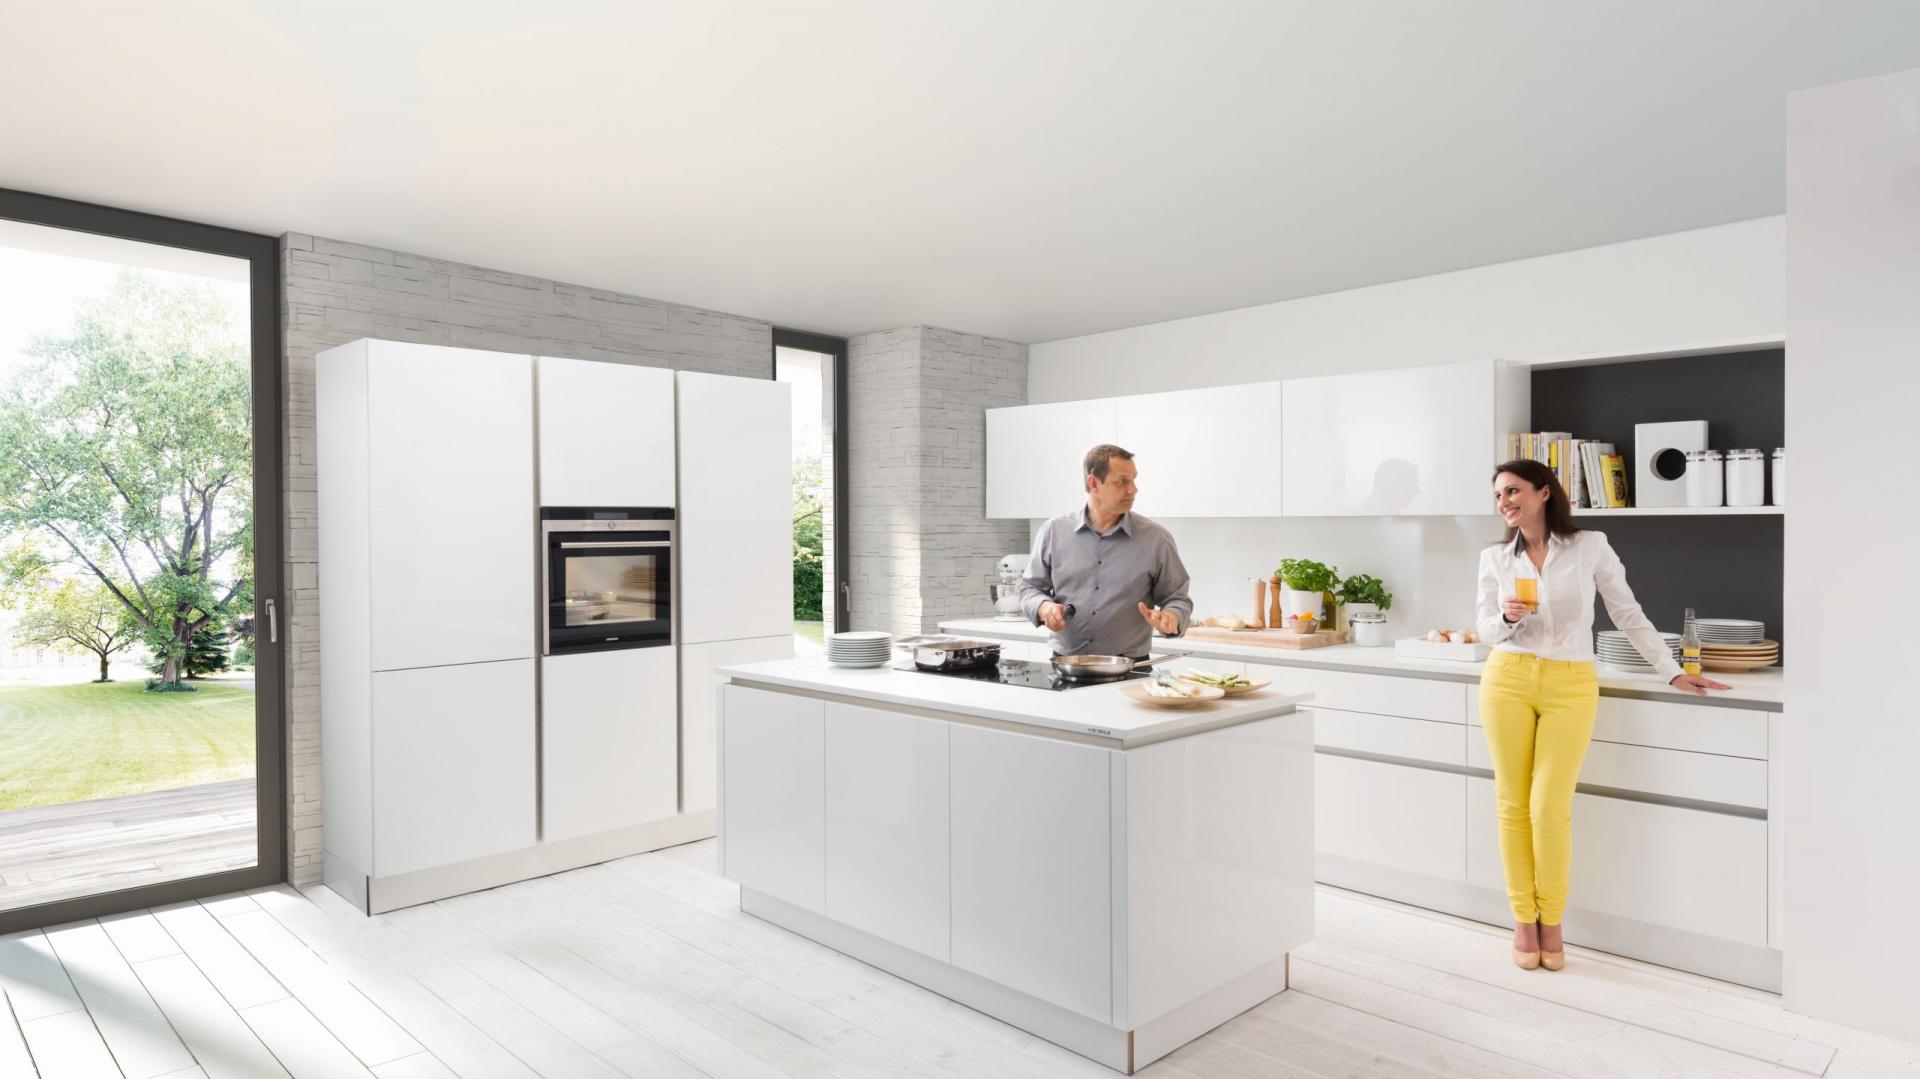 Nowoczesne, proste w formie meble kuchenne z kolekcji Nova Lack. Otwierane bezuchwytowo fronty wykończone są lakierem w wysokim połysku. Całość dopełniają białe blaty. Dostępne są również w innych kolorach i wykończeniach frontów. Wycena indywidualna, Nolte Küchen.